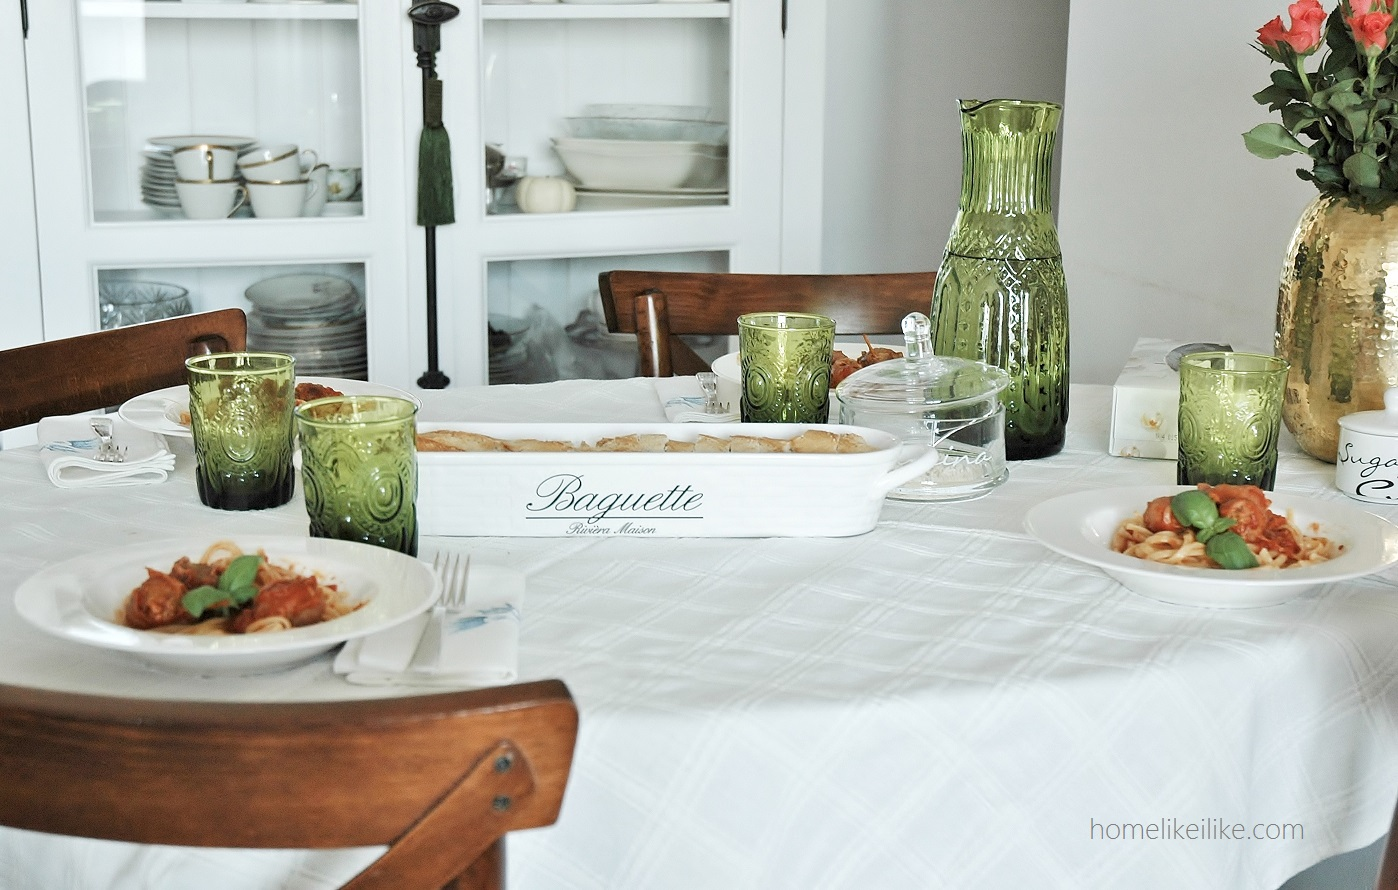 rynienka na bagietkę sweet living home inspirations - homelikeilike.com